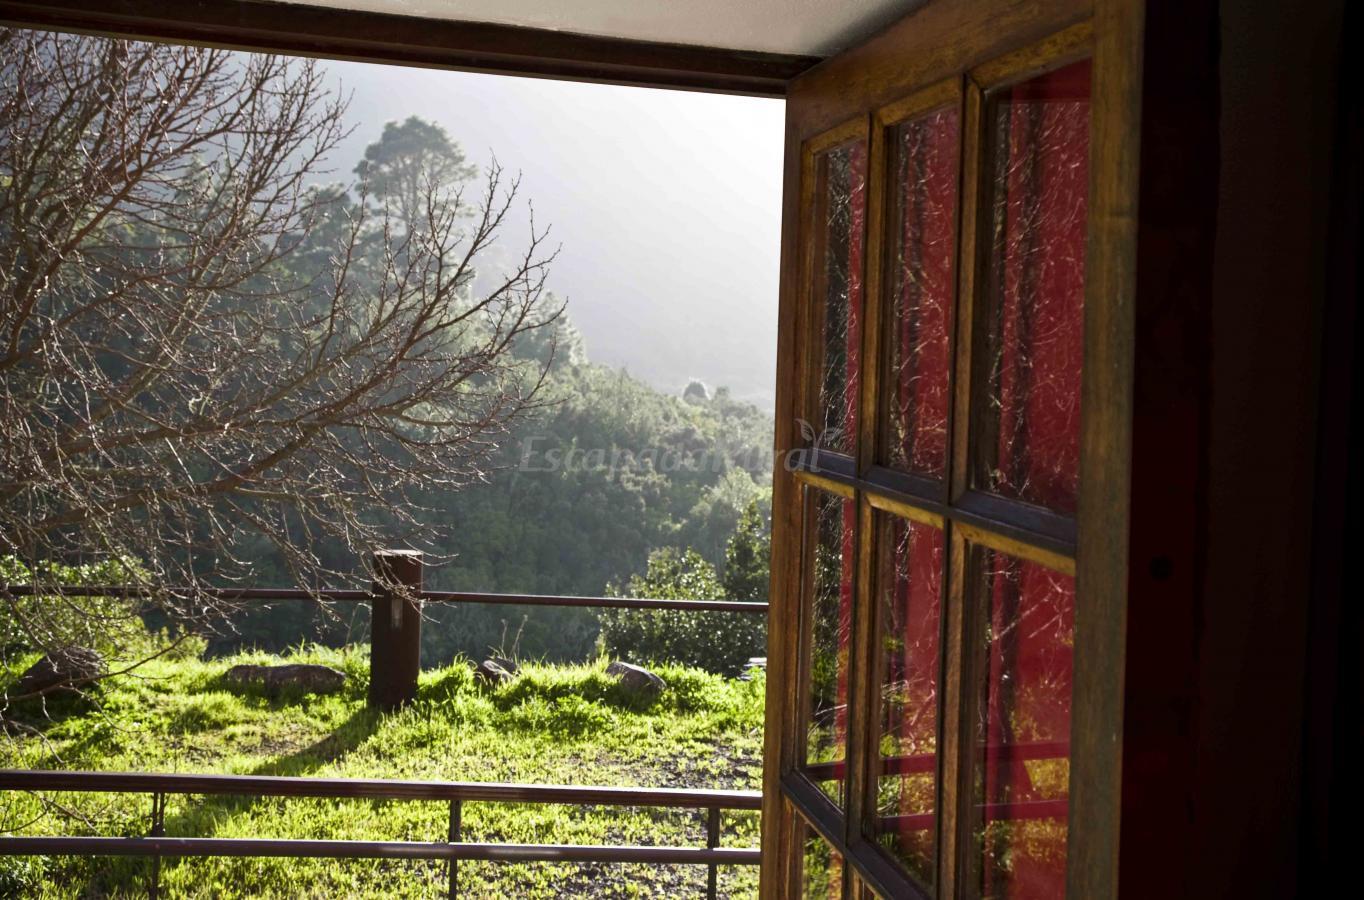 Fotos de albergue de bolico casa rural en buenavista del norte santa cruz de tenerife - Casas rurales tenerife norte ...